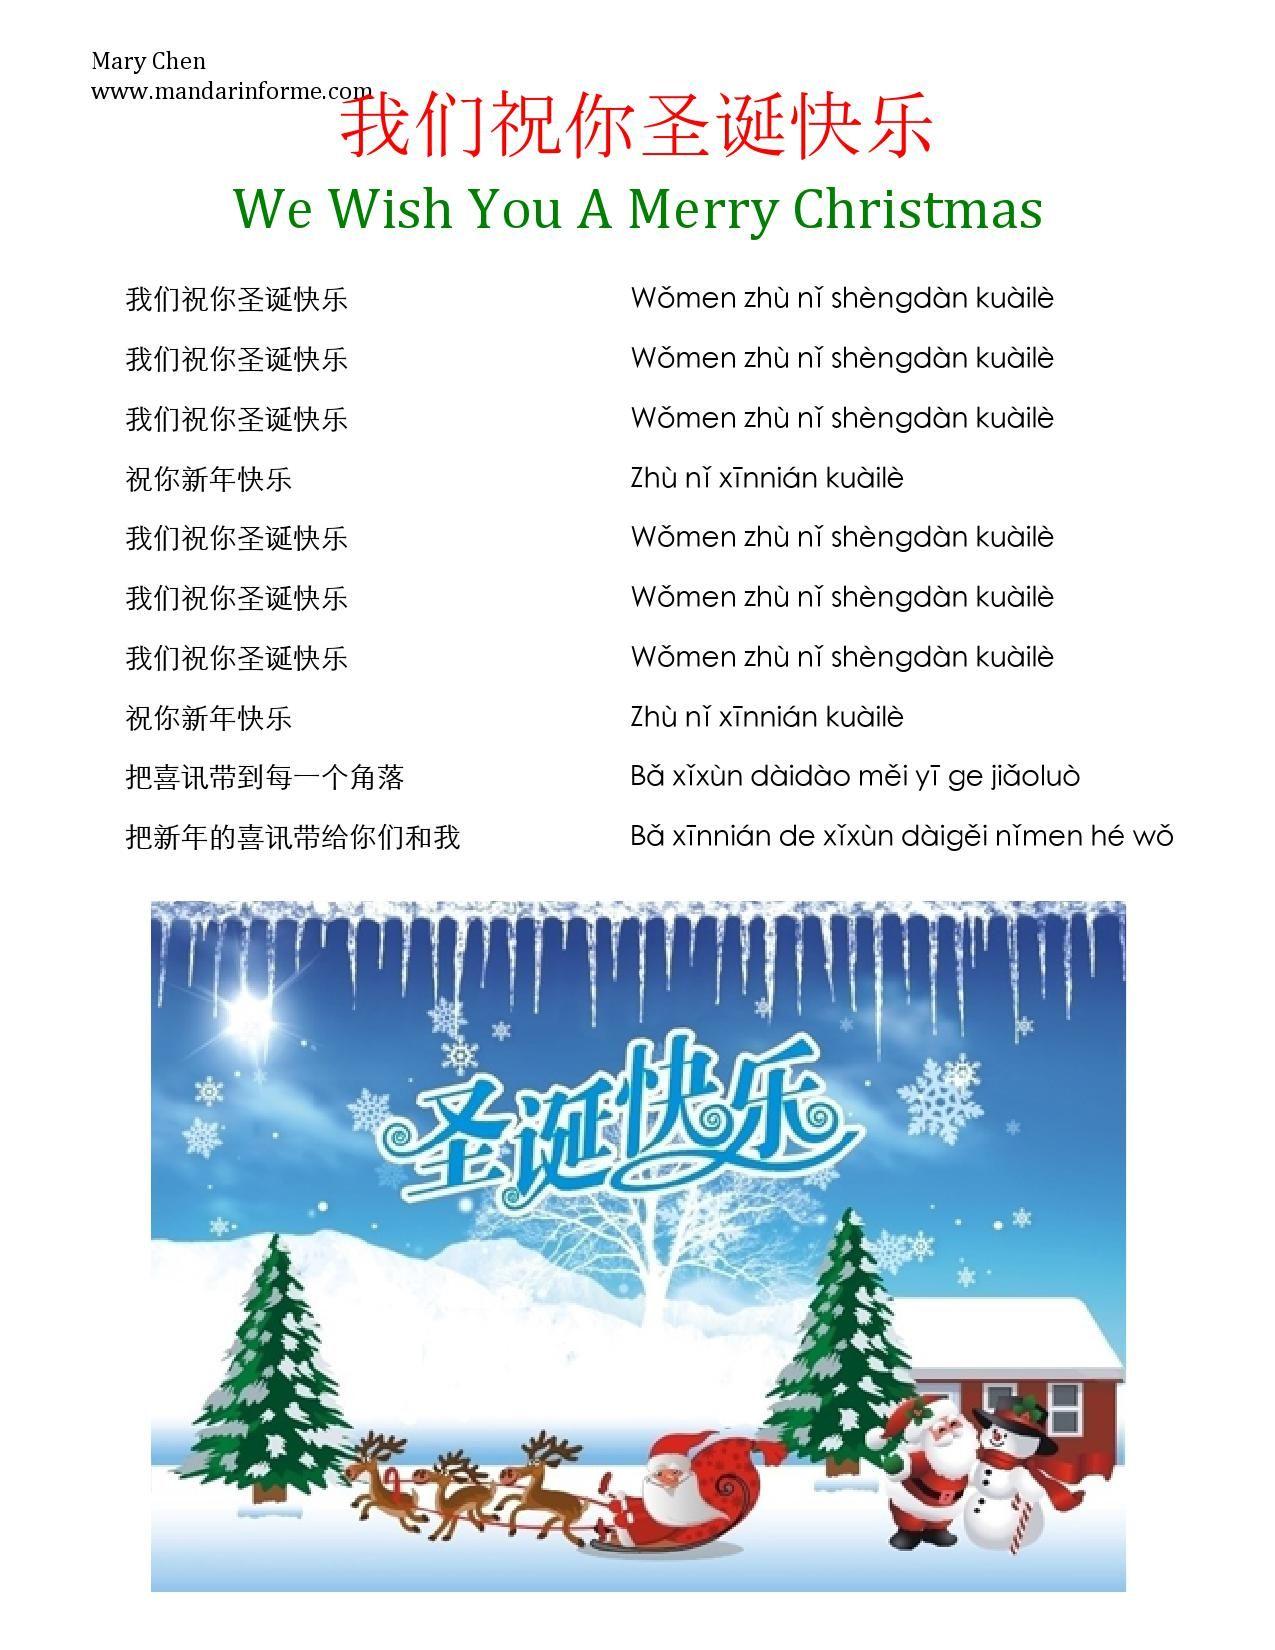 我们祝你圣诞快乐 We Wish You A Merry Christmas lyrics Merry